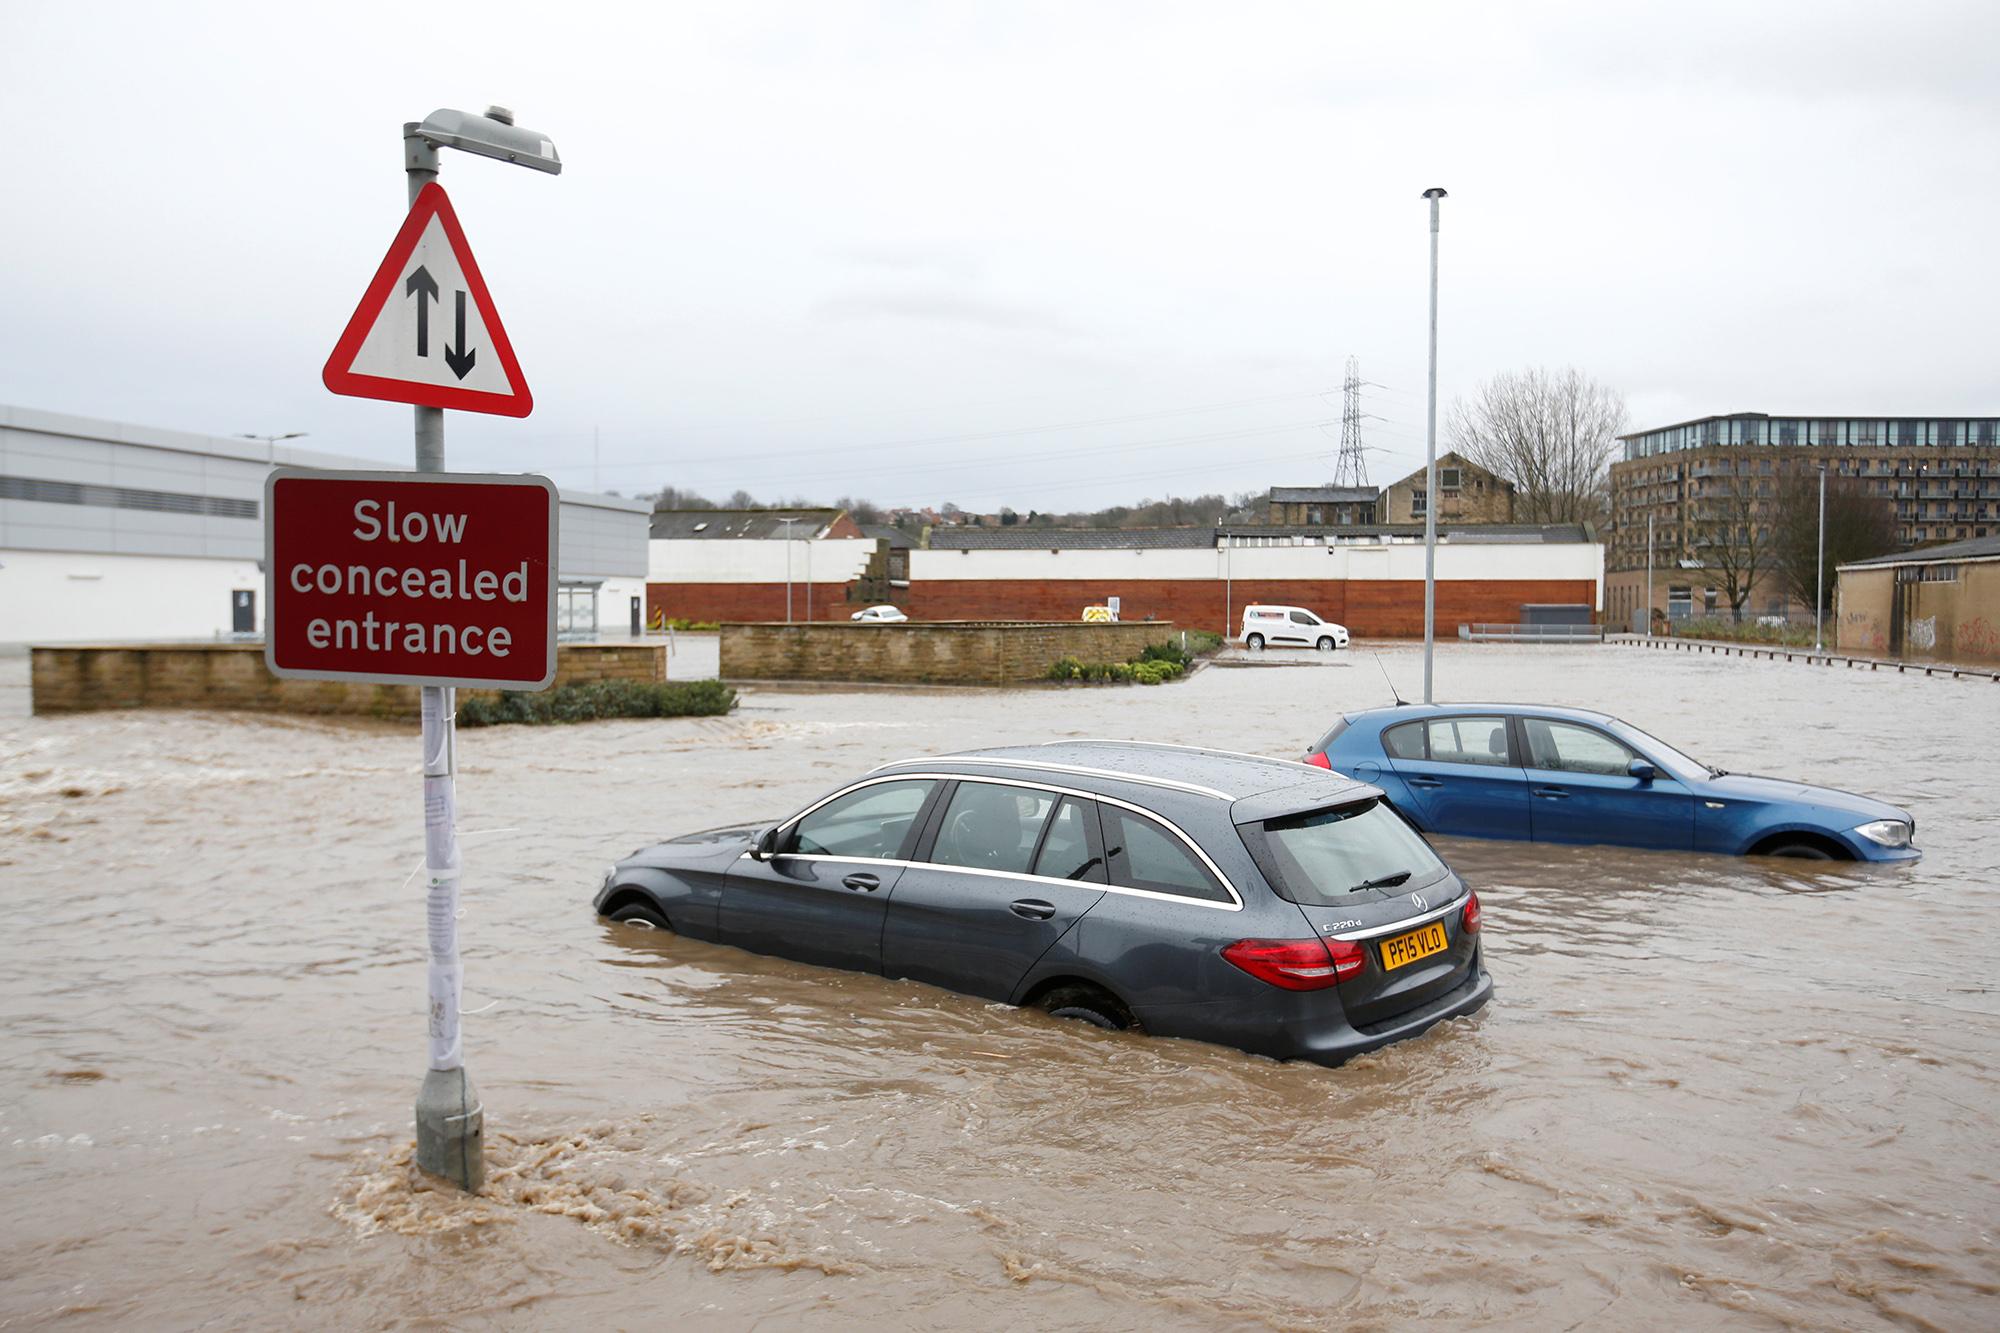 Подтопленные автомобили вгороде Брайхаус, Западный Йоркшир, Великобритания